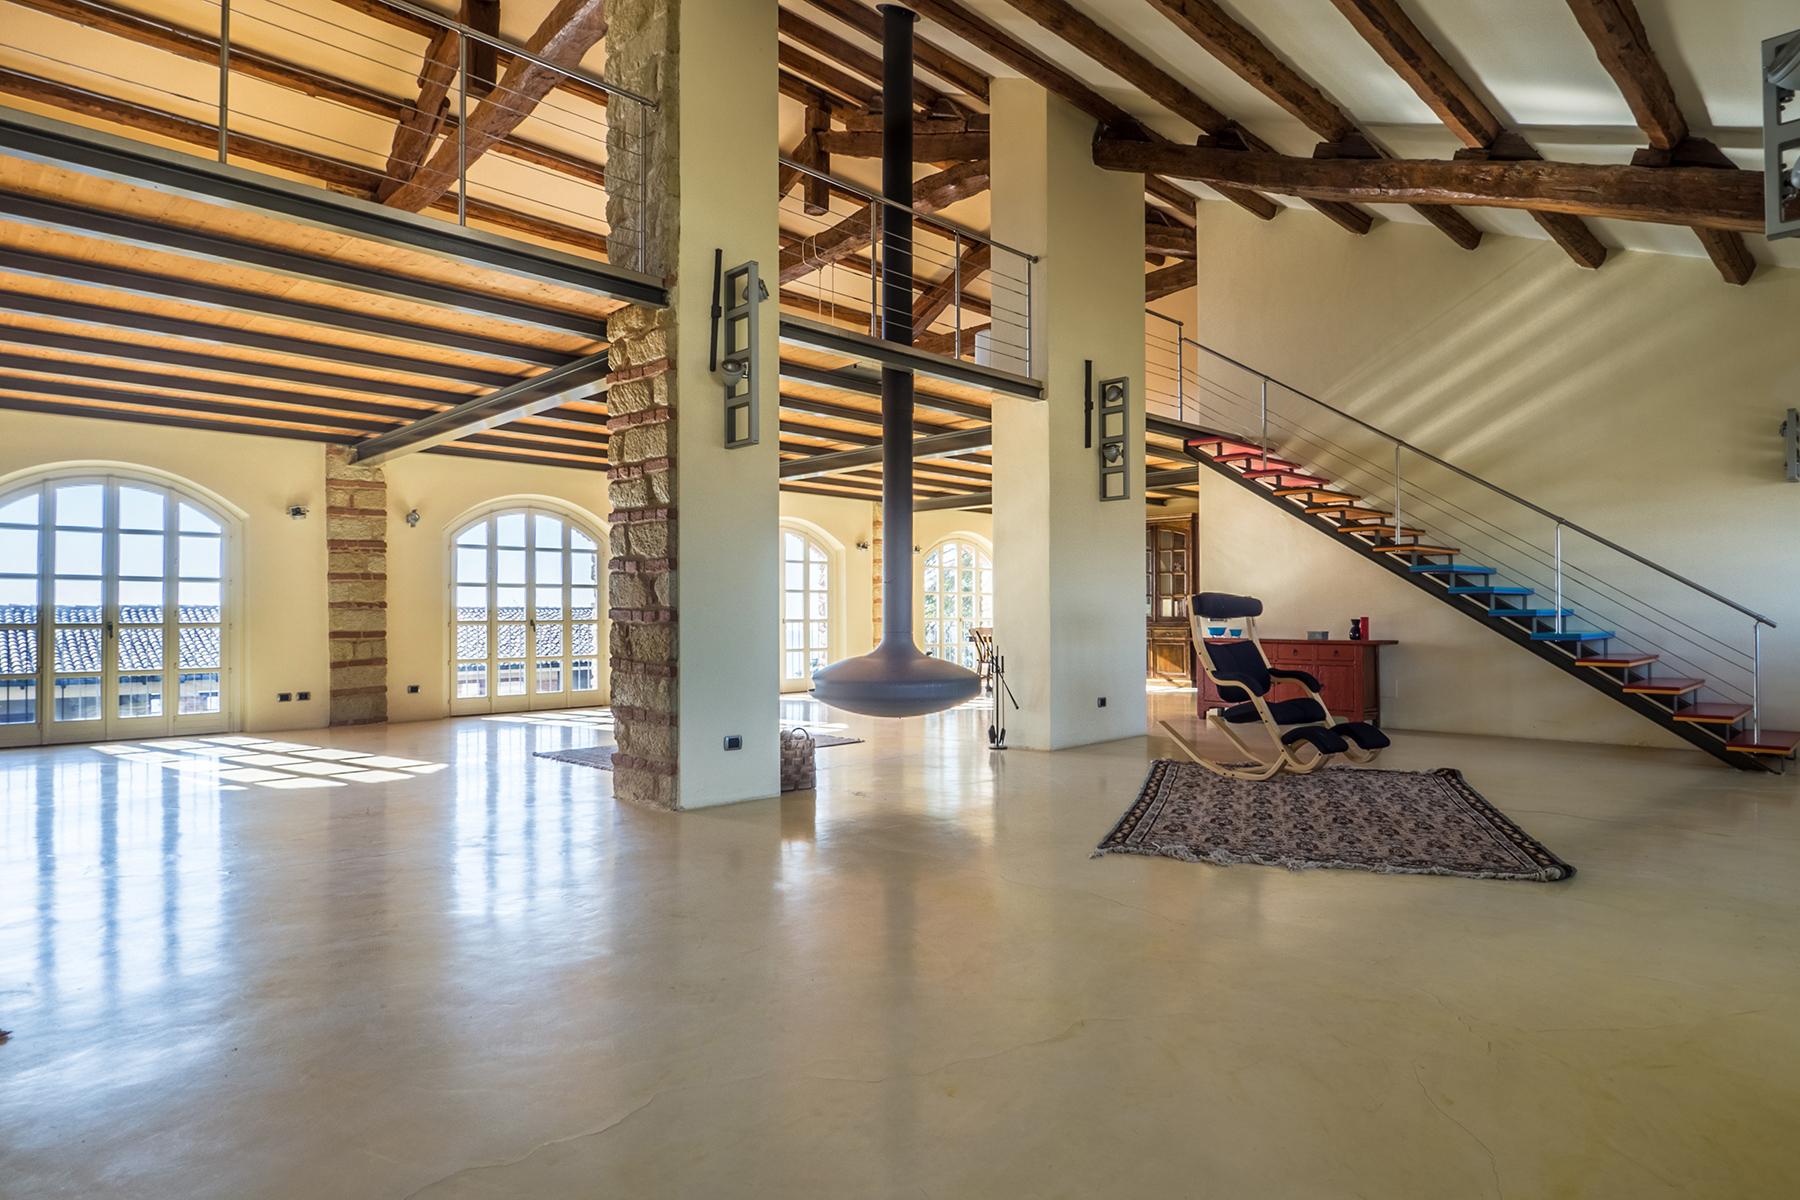 Rustico in Vendita a Vignale Monferrato: 5 locali, 1400 mq - Foto 7